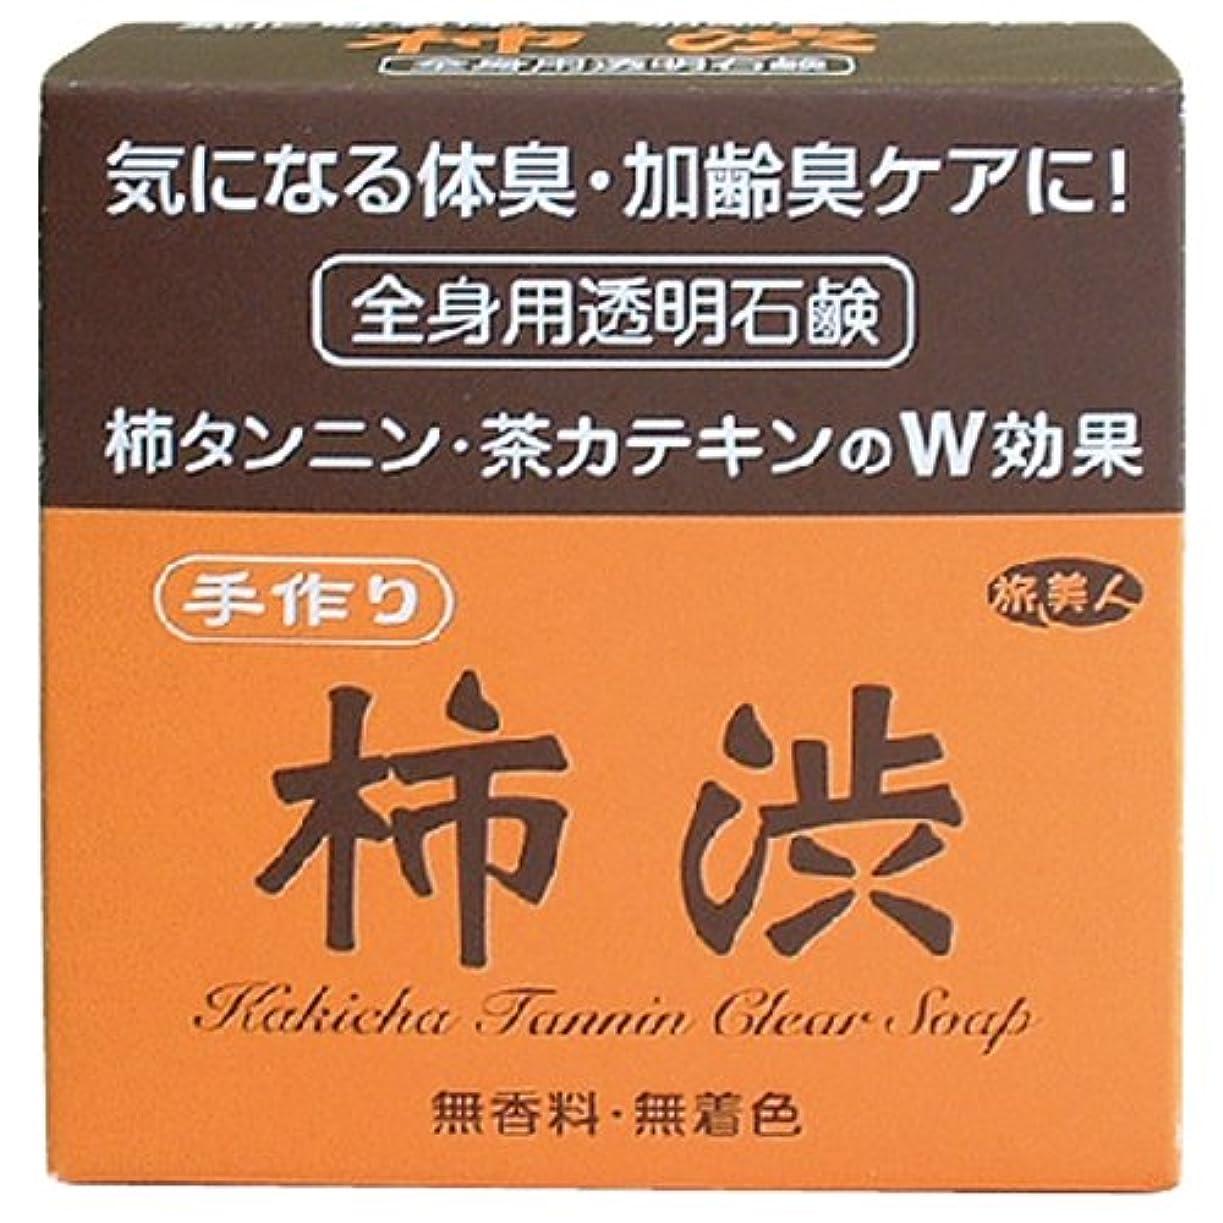 通り抜ける無能収束する気になる体臭?加齢臭ケアに アズマ商事の手作り柿渋透明石鹸